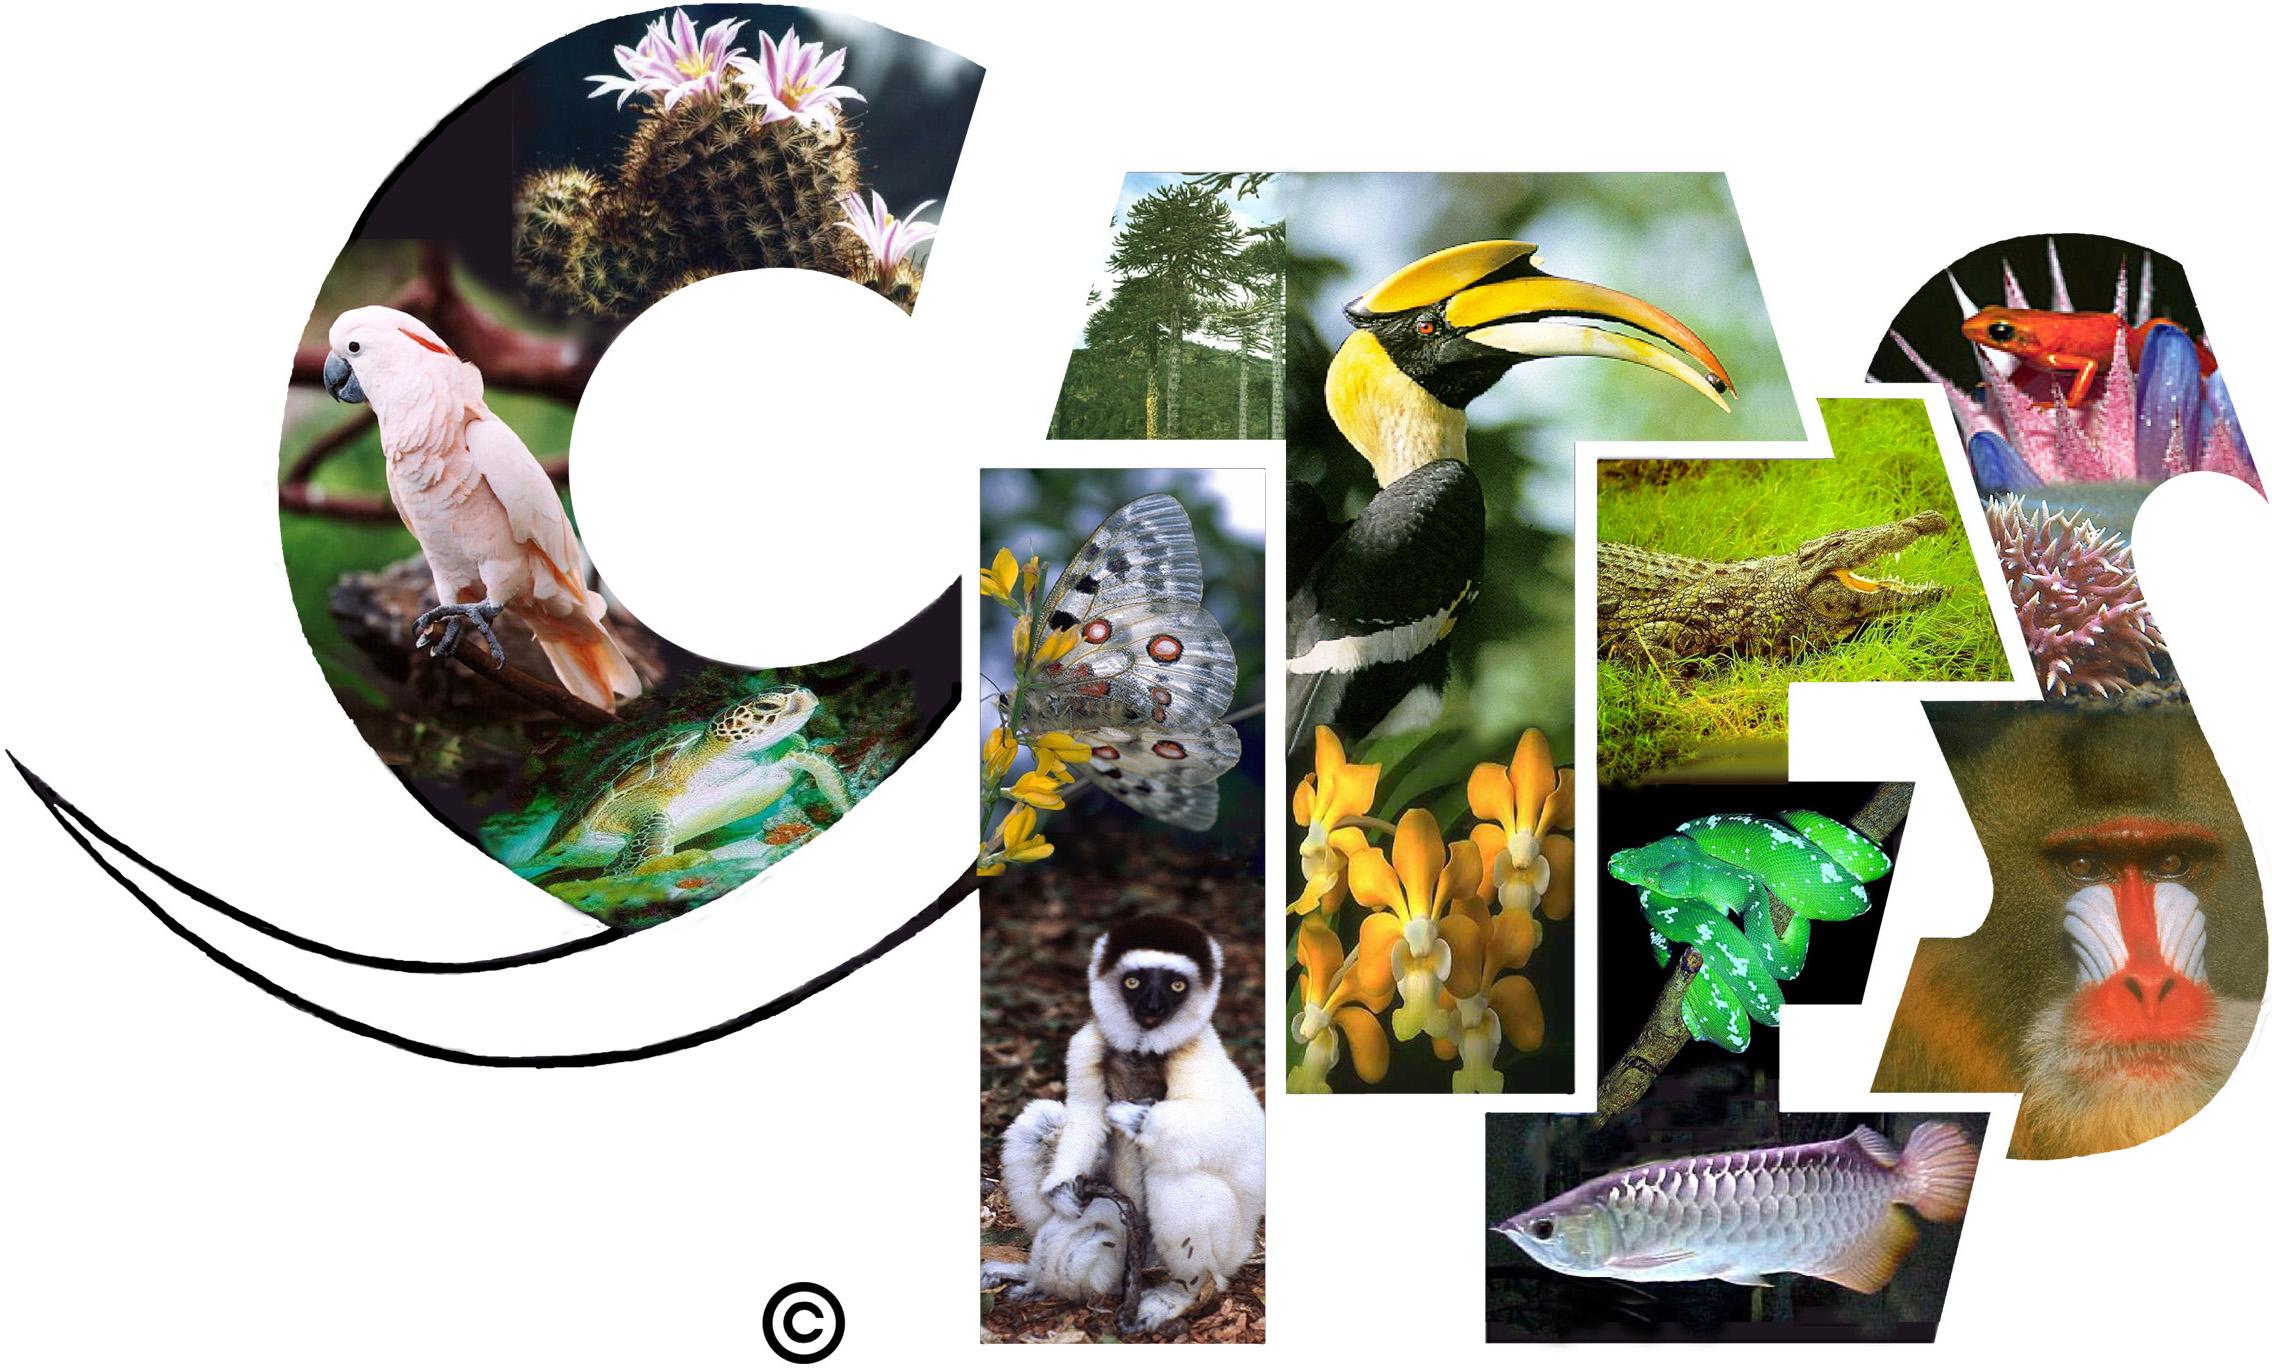 Zmiany  wprzepisach oochronie gatunków wdrodze regulacji handlu (CITES)